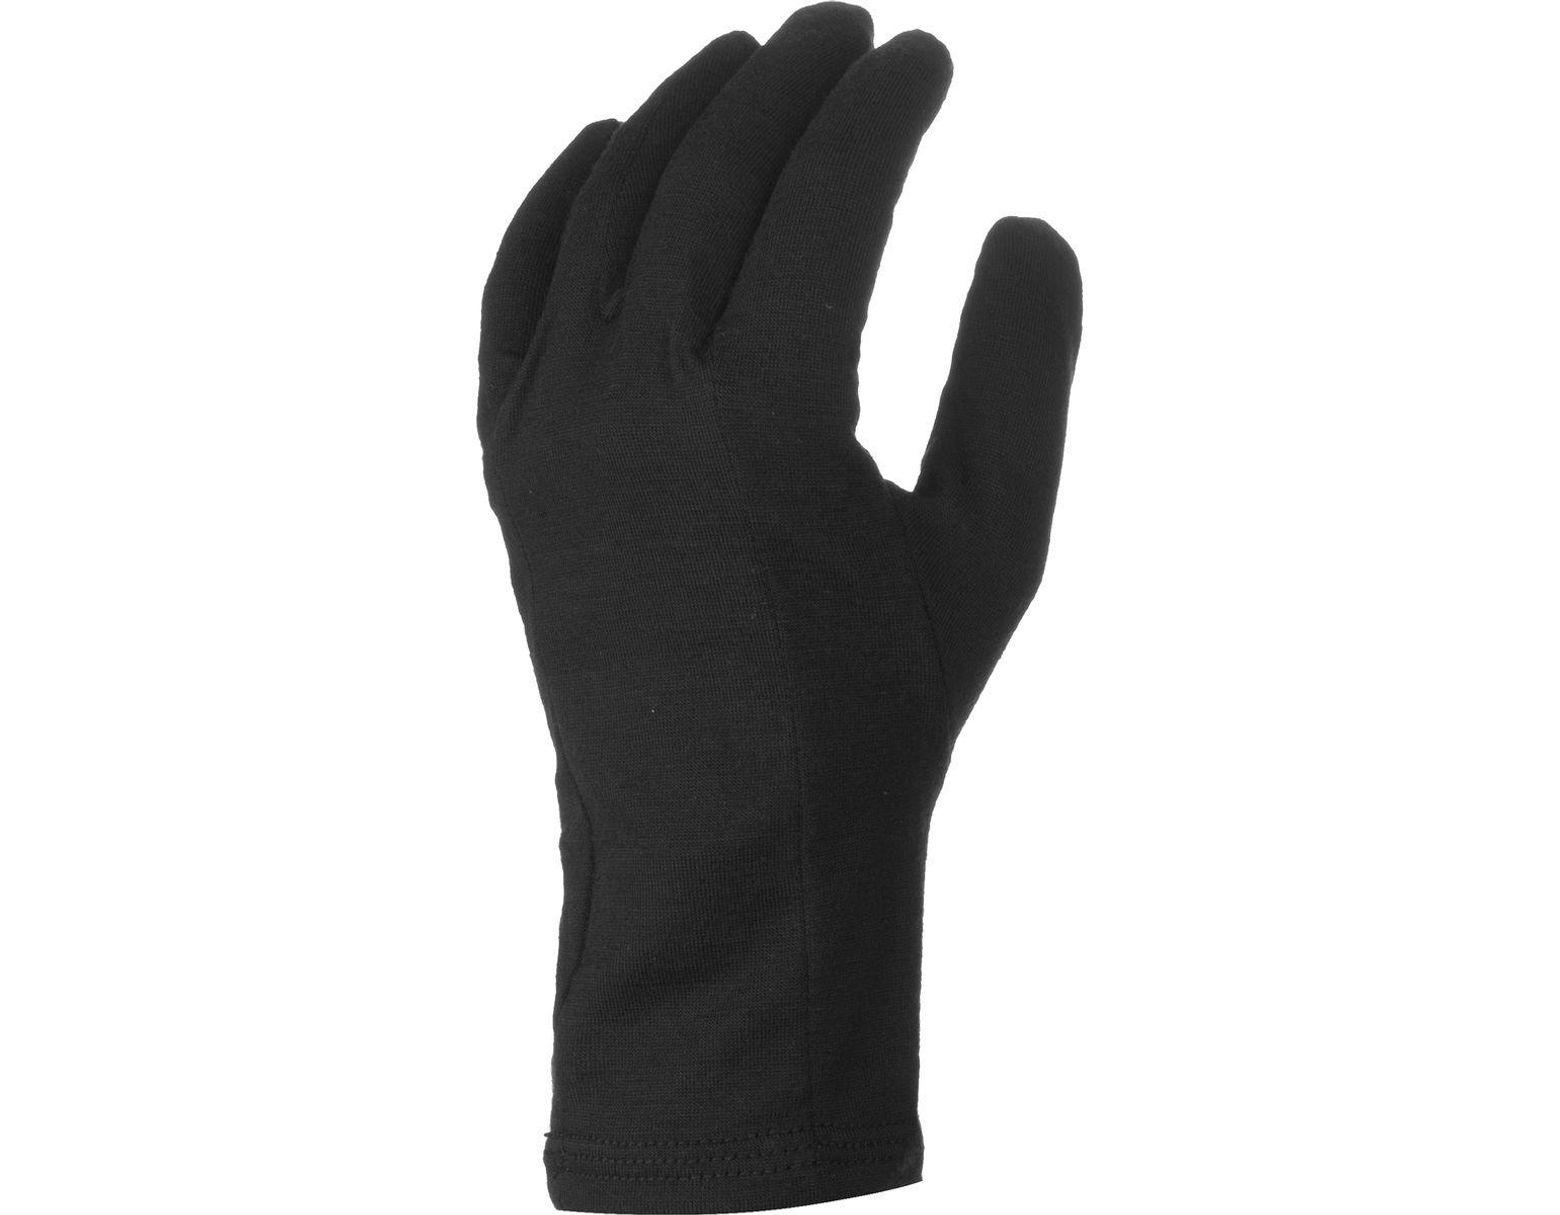 7b96e4b60 Icebreaker Oasis 200 Glove Liner in Black for Men - Lyst